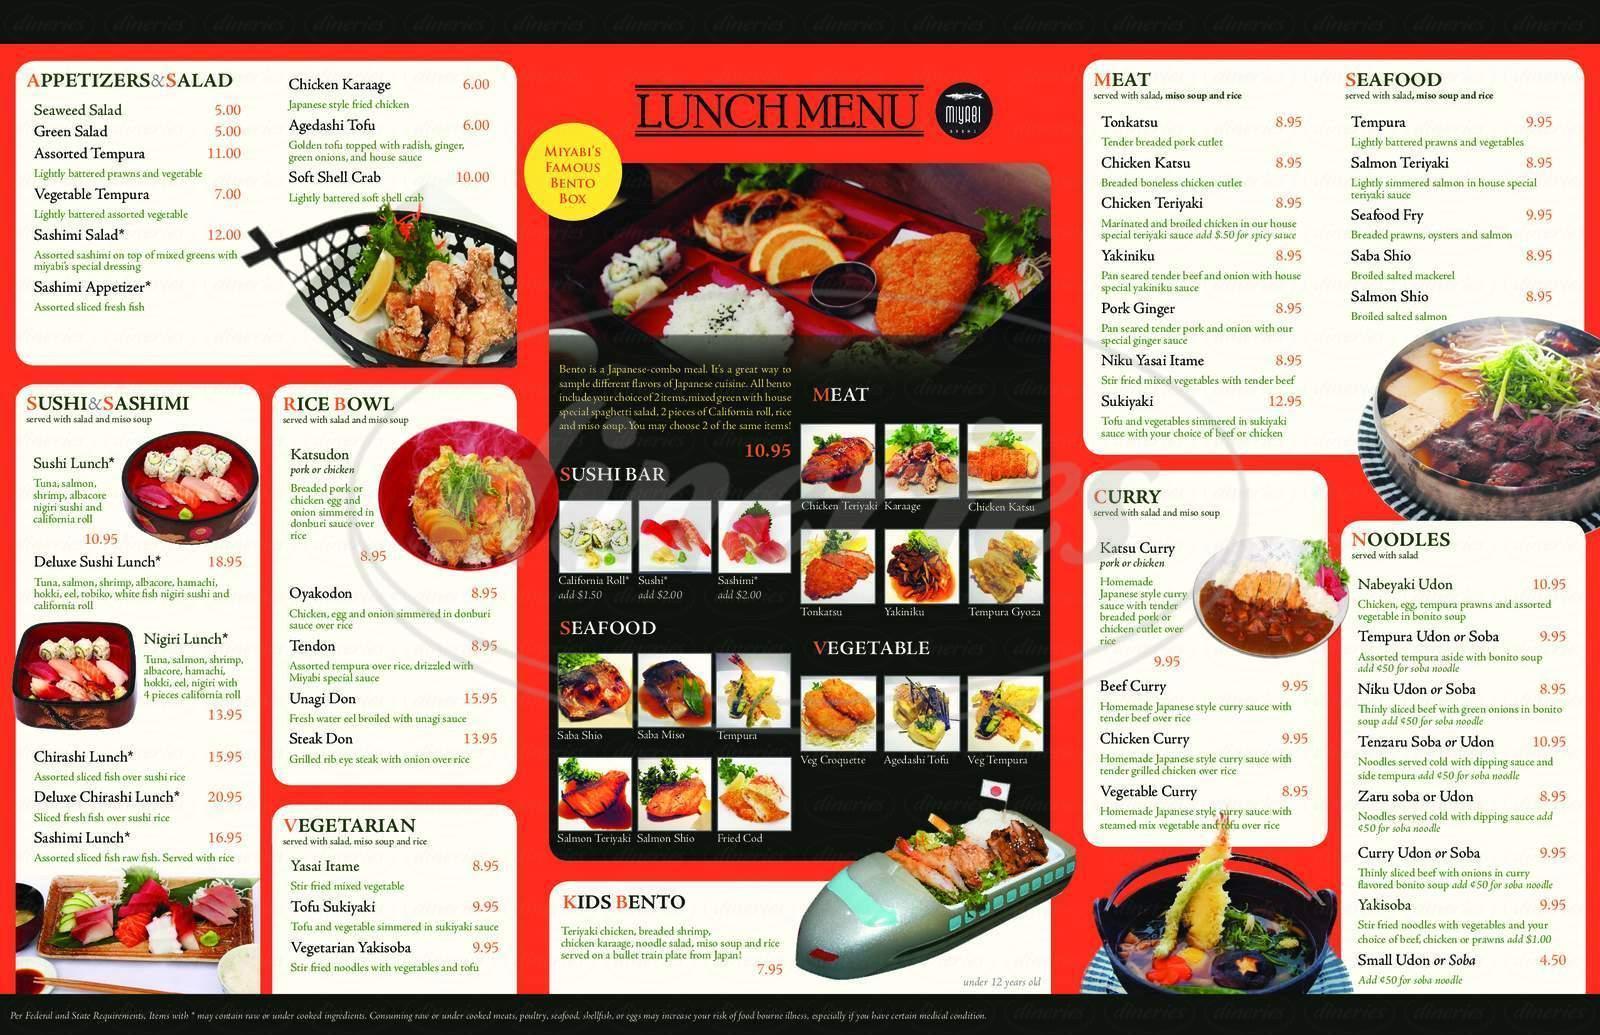 menu for Miyabi Restaurant